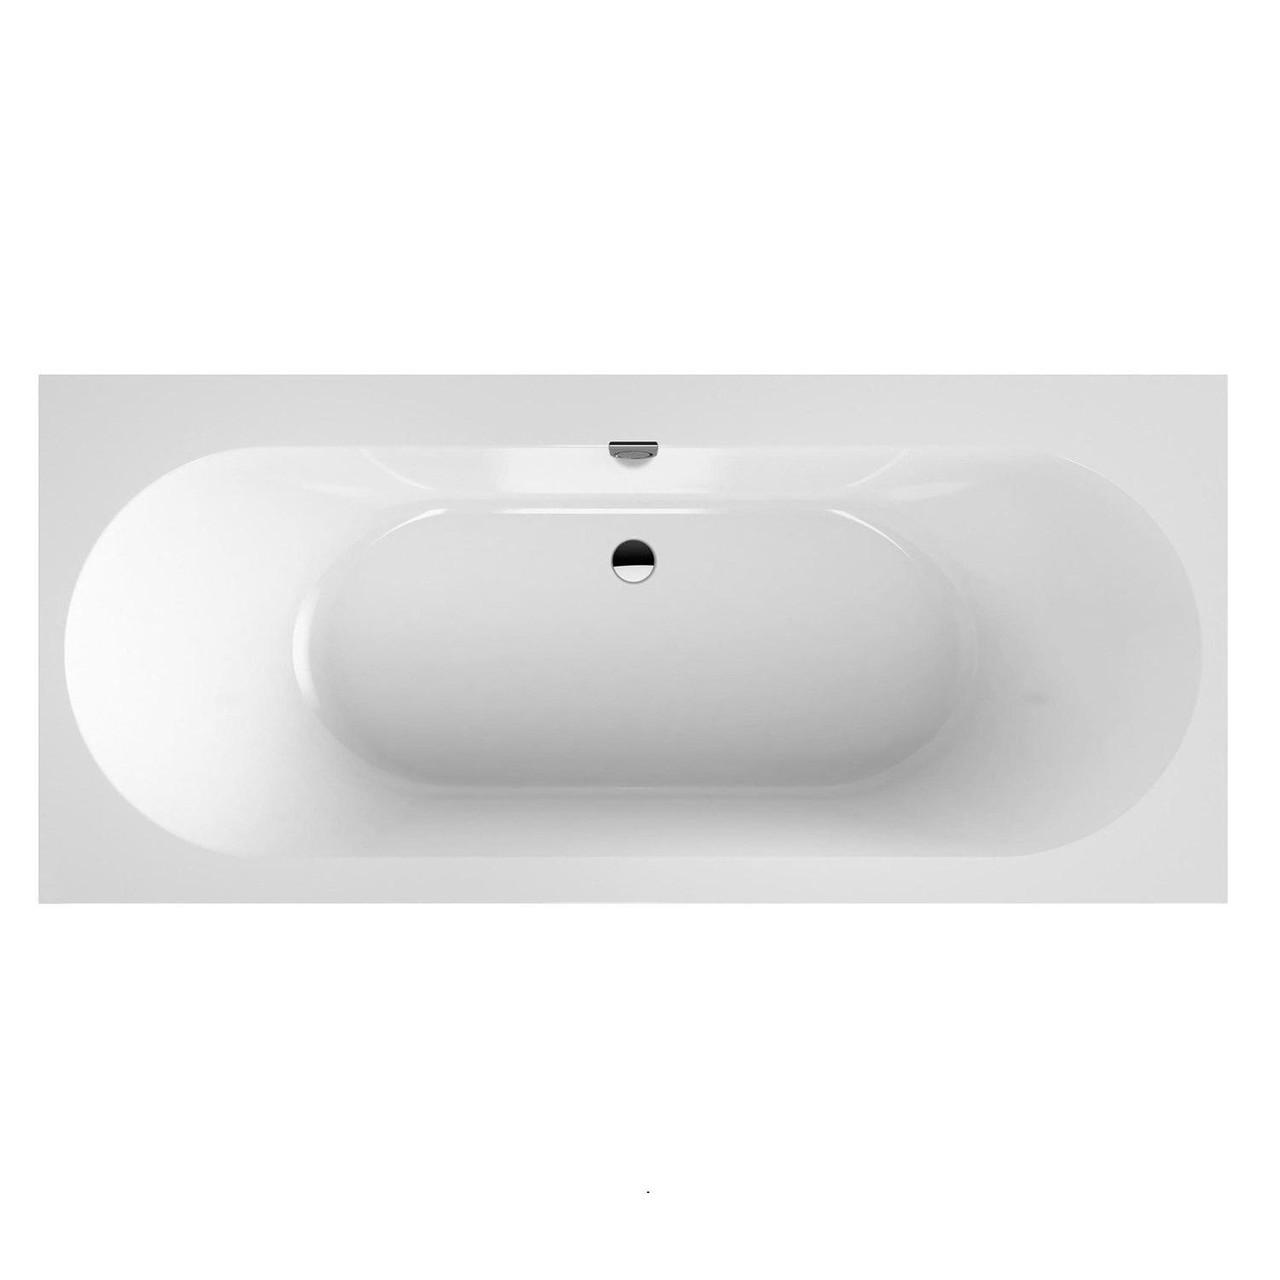 OBERON 2.0 ванна 180*80см, квариловая с ножками и сливом-переливом